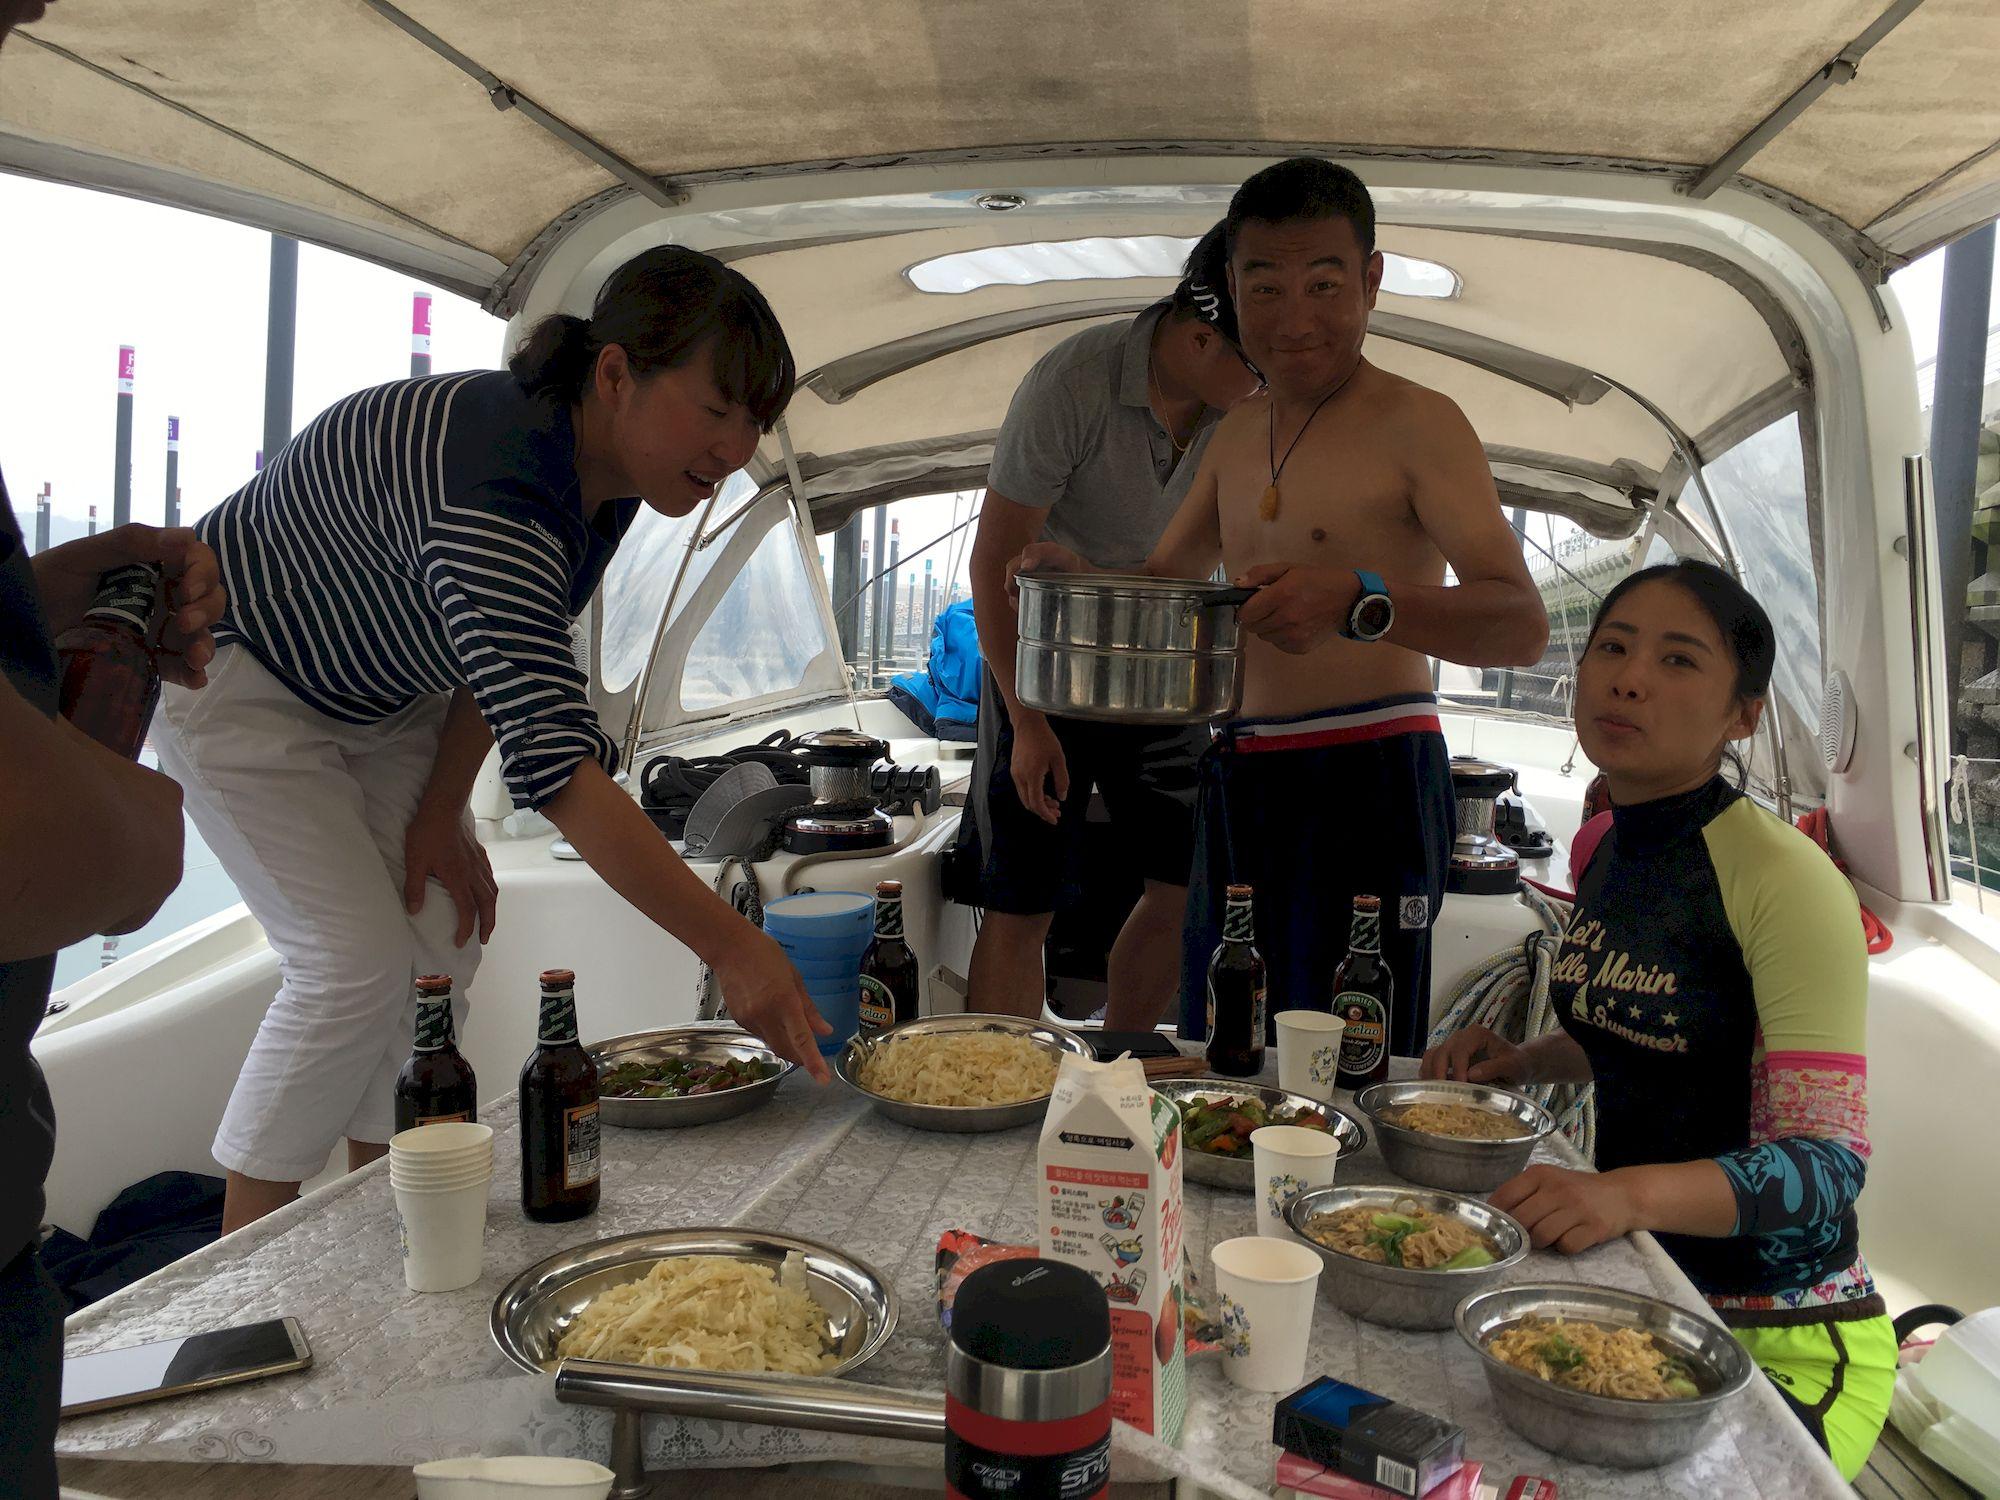 028-IMG_3340_千帆俱乐部我要航海网帆船队-2016威海-仁川国际帆船赛.JPG